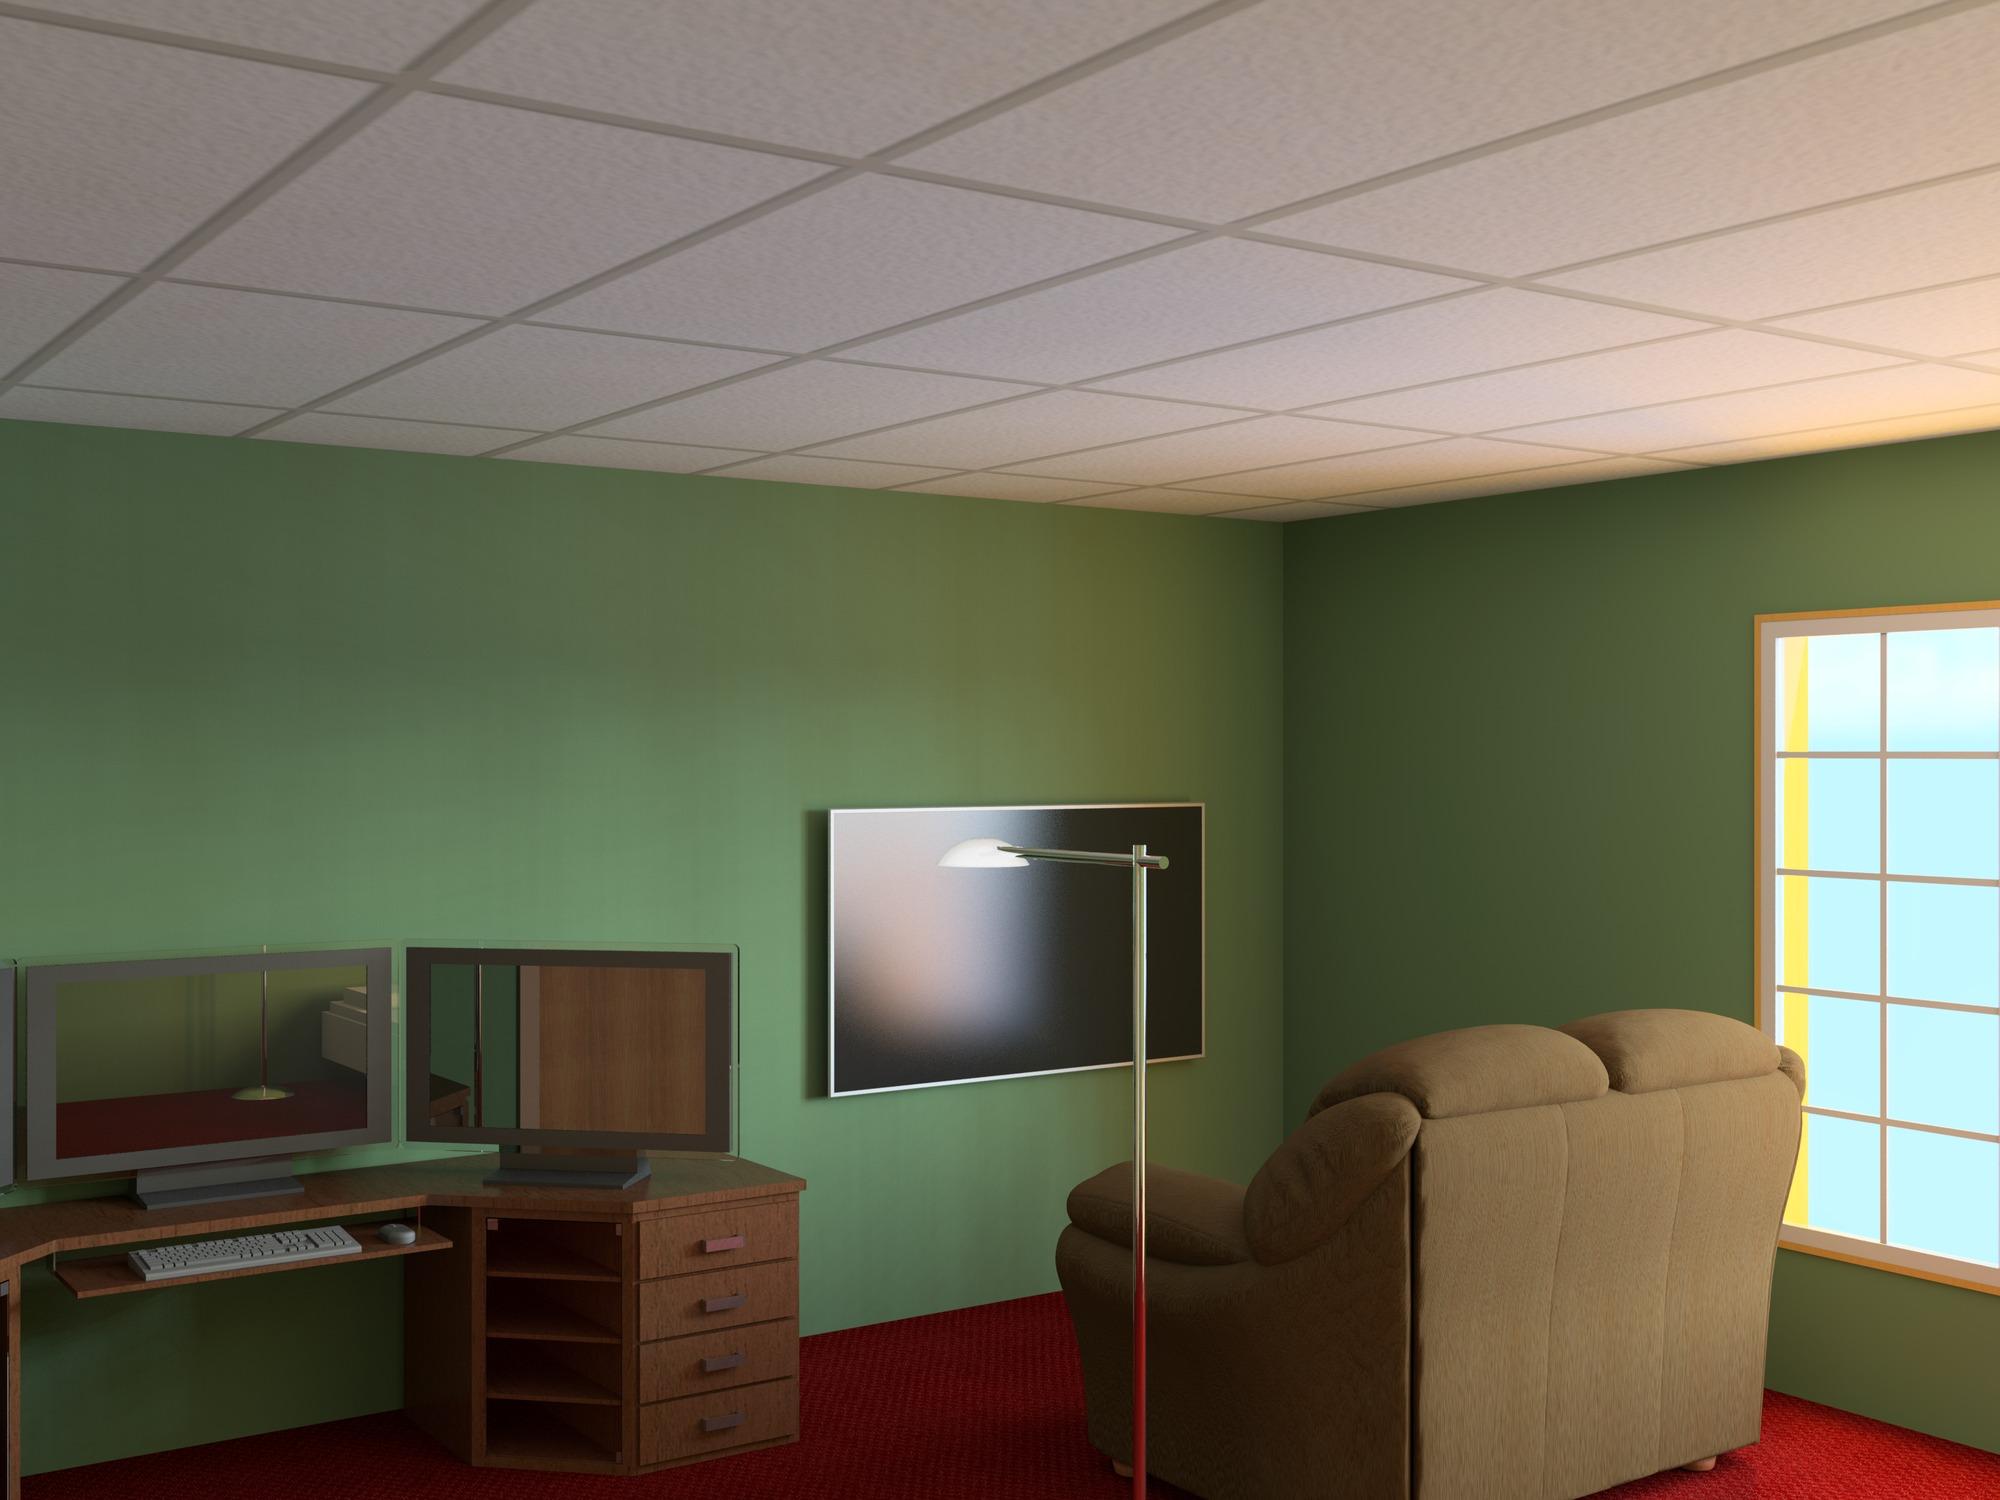 Raas-rendering20141023-19453-v9kyvx